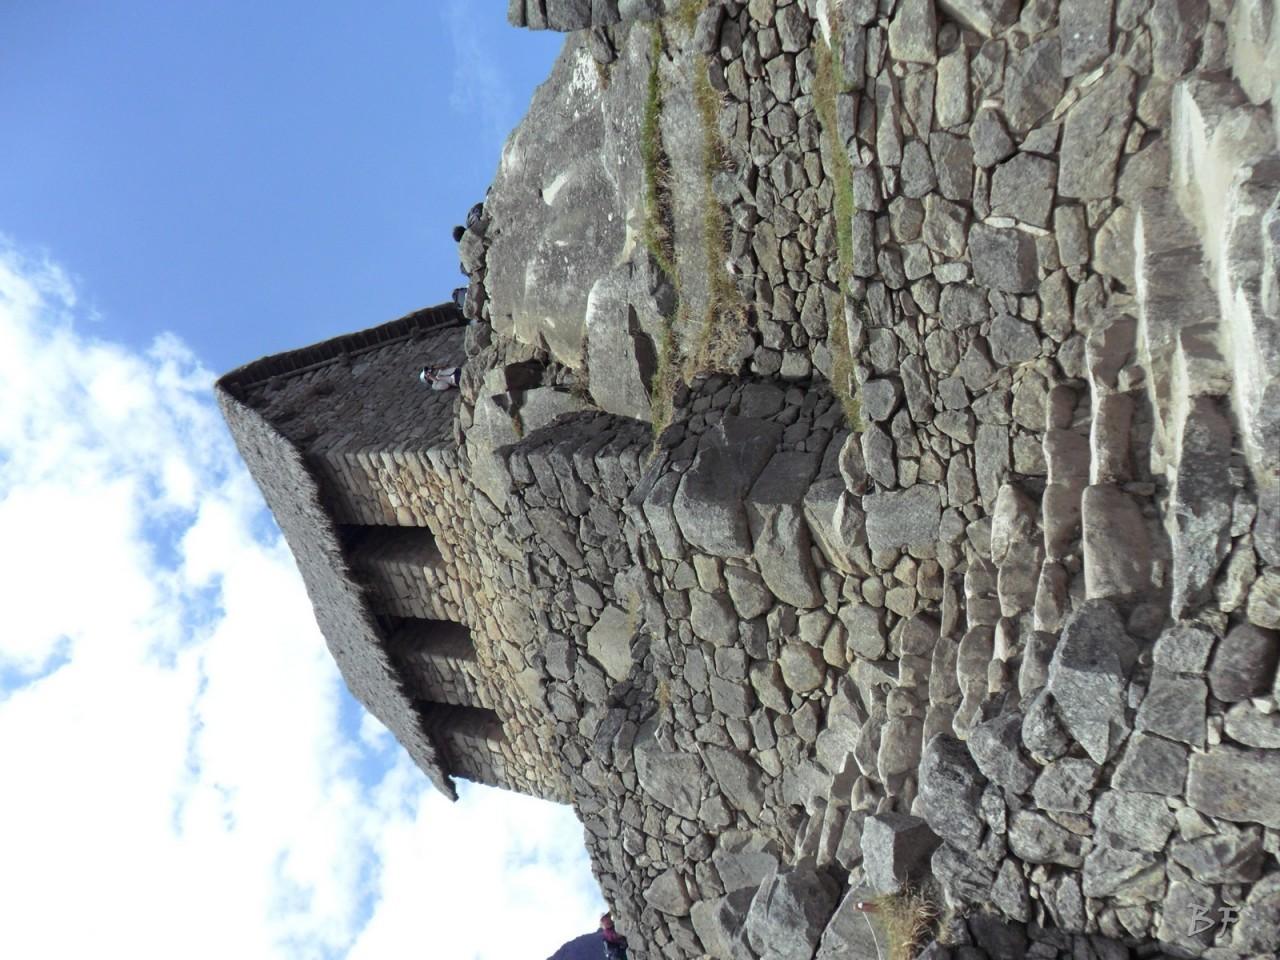 Mura-Poligonali-Incisioni-Altari-Edifici-Rupestri-Megaliti-Machu-Picchu-Aguas-Calientes-Urubamba-Cusco-Perù-65